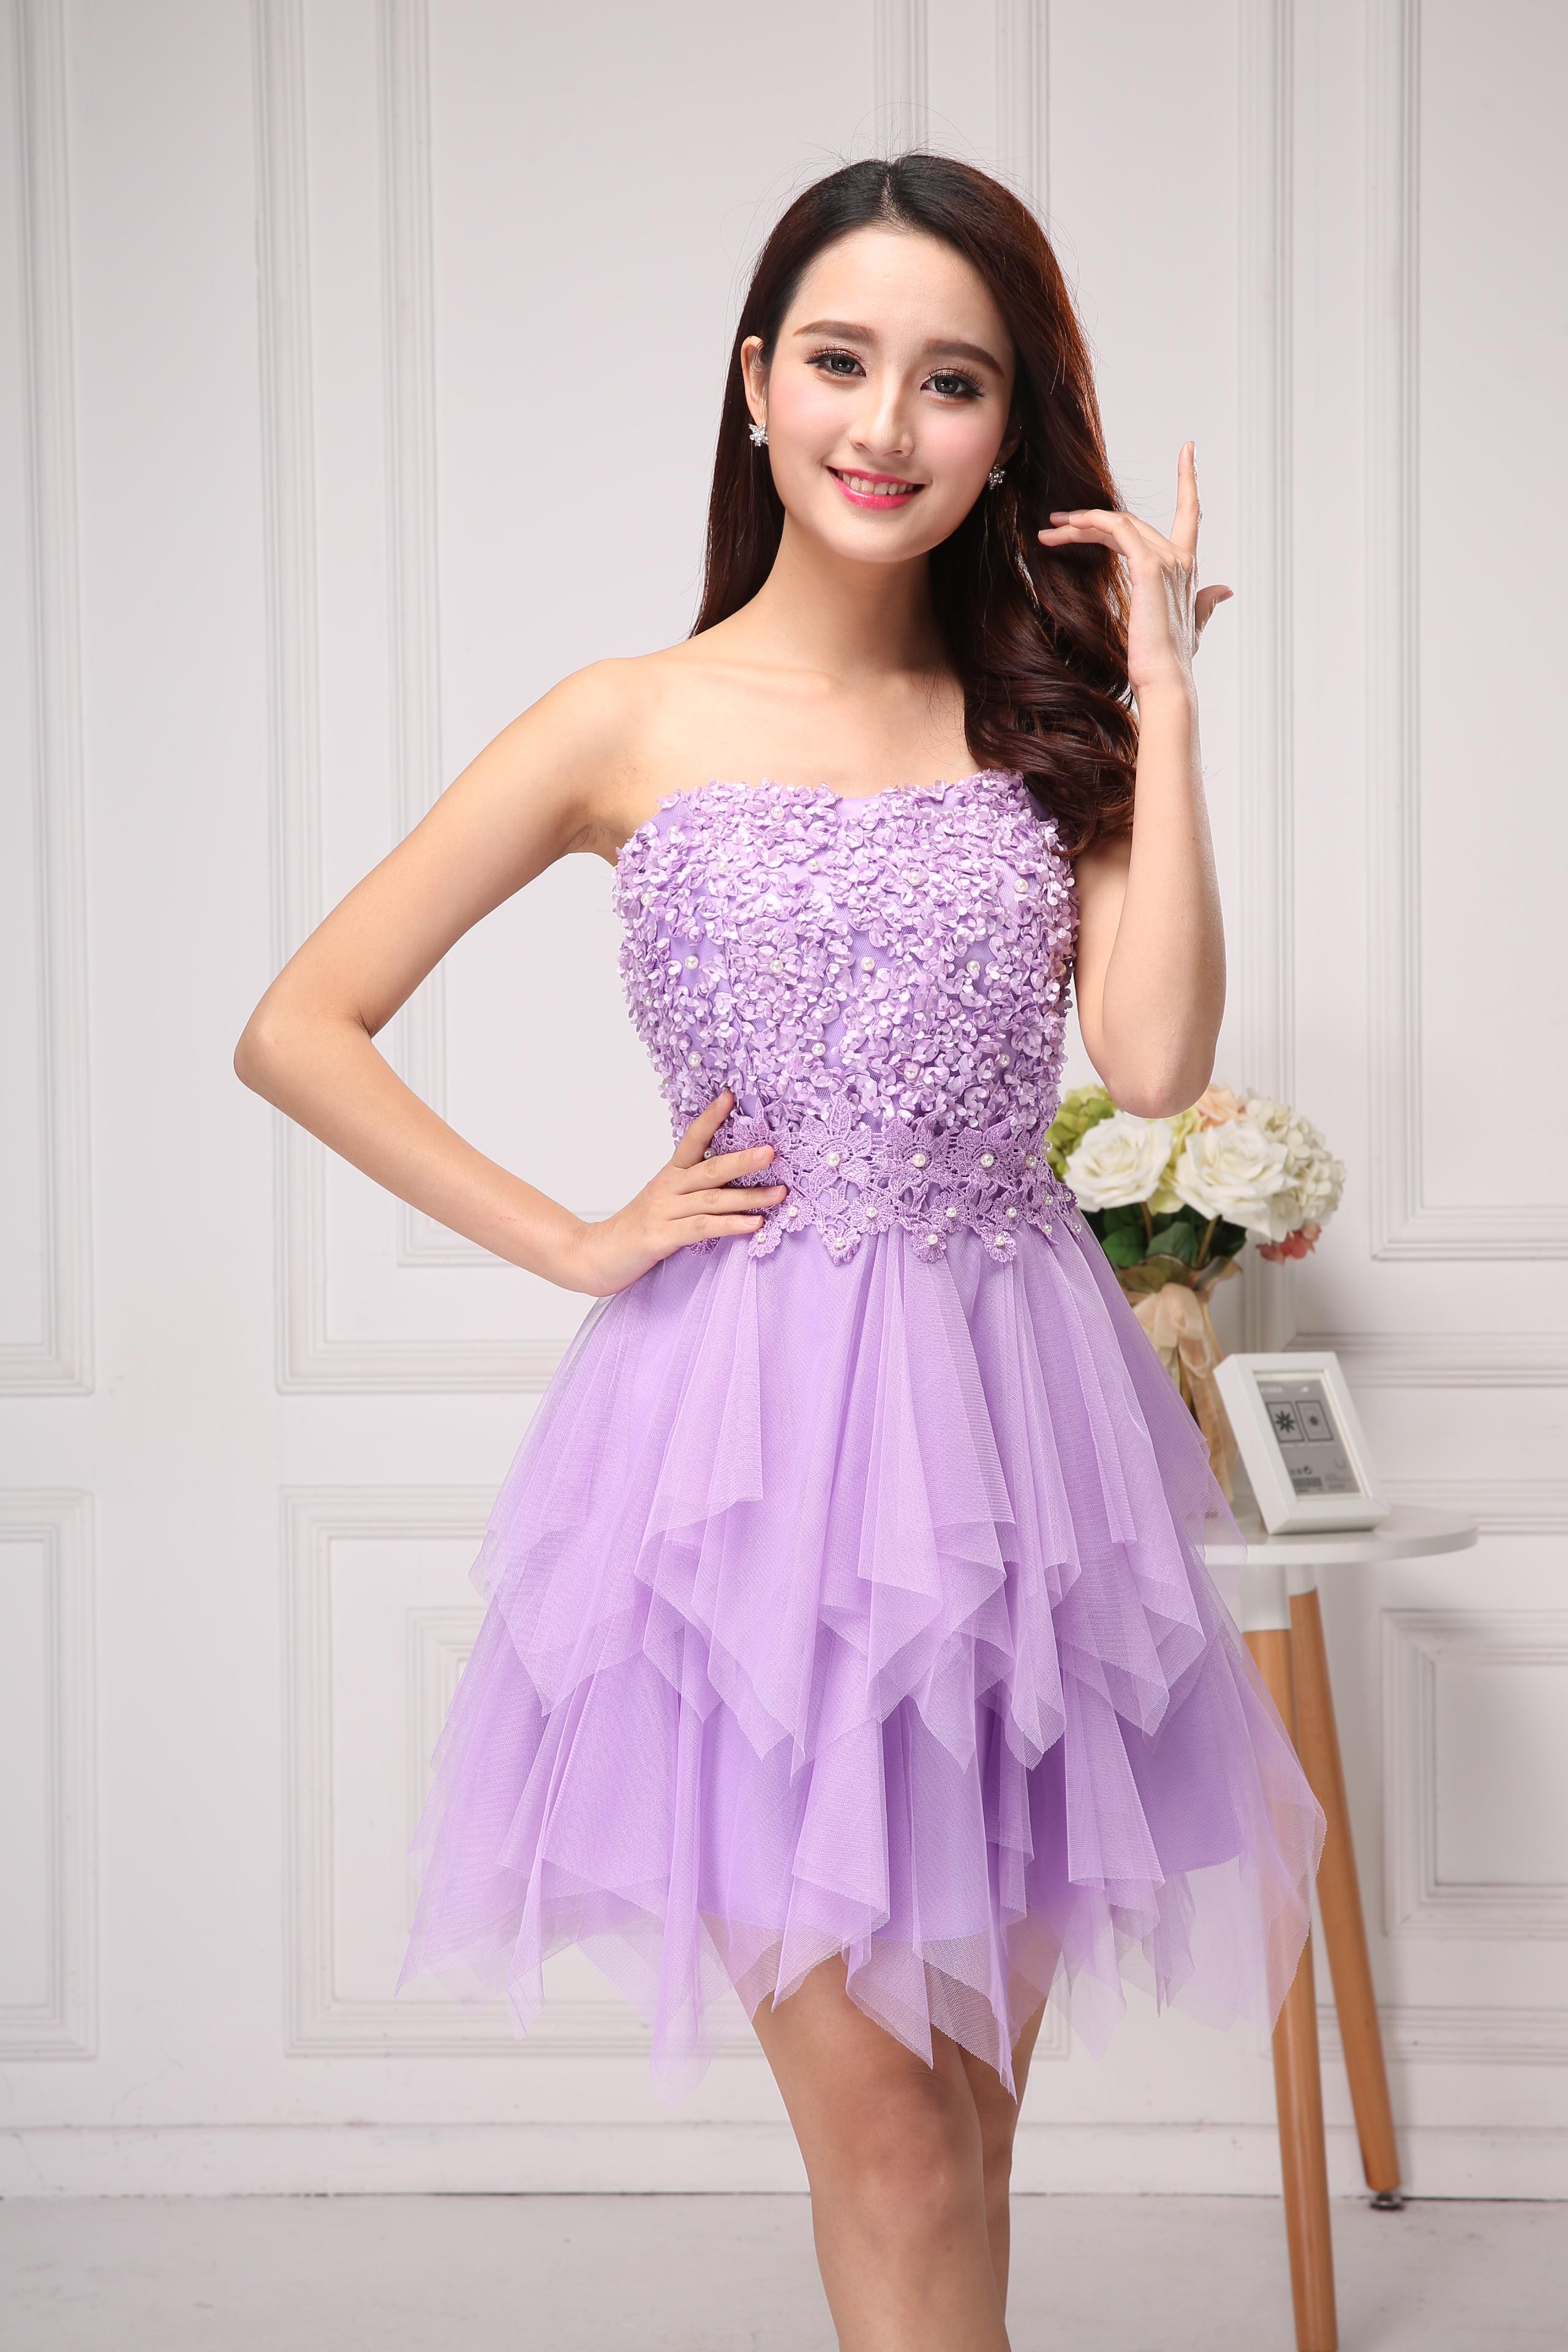 礼服晚礼服伴娘抹胸时尚修身a礼服公主服短款小礼宴会裙女